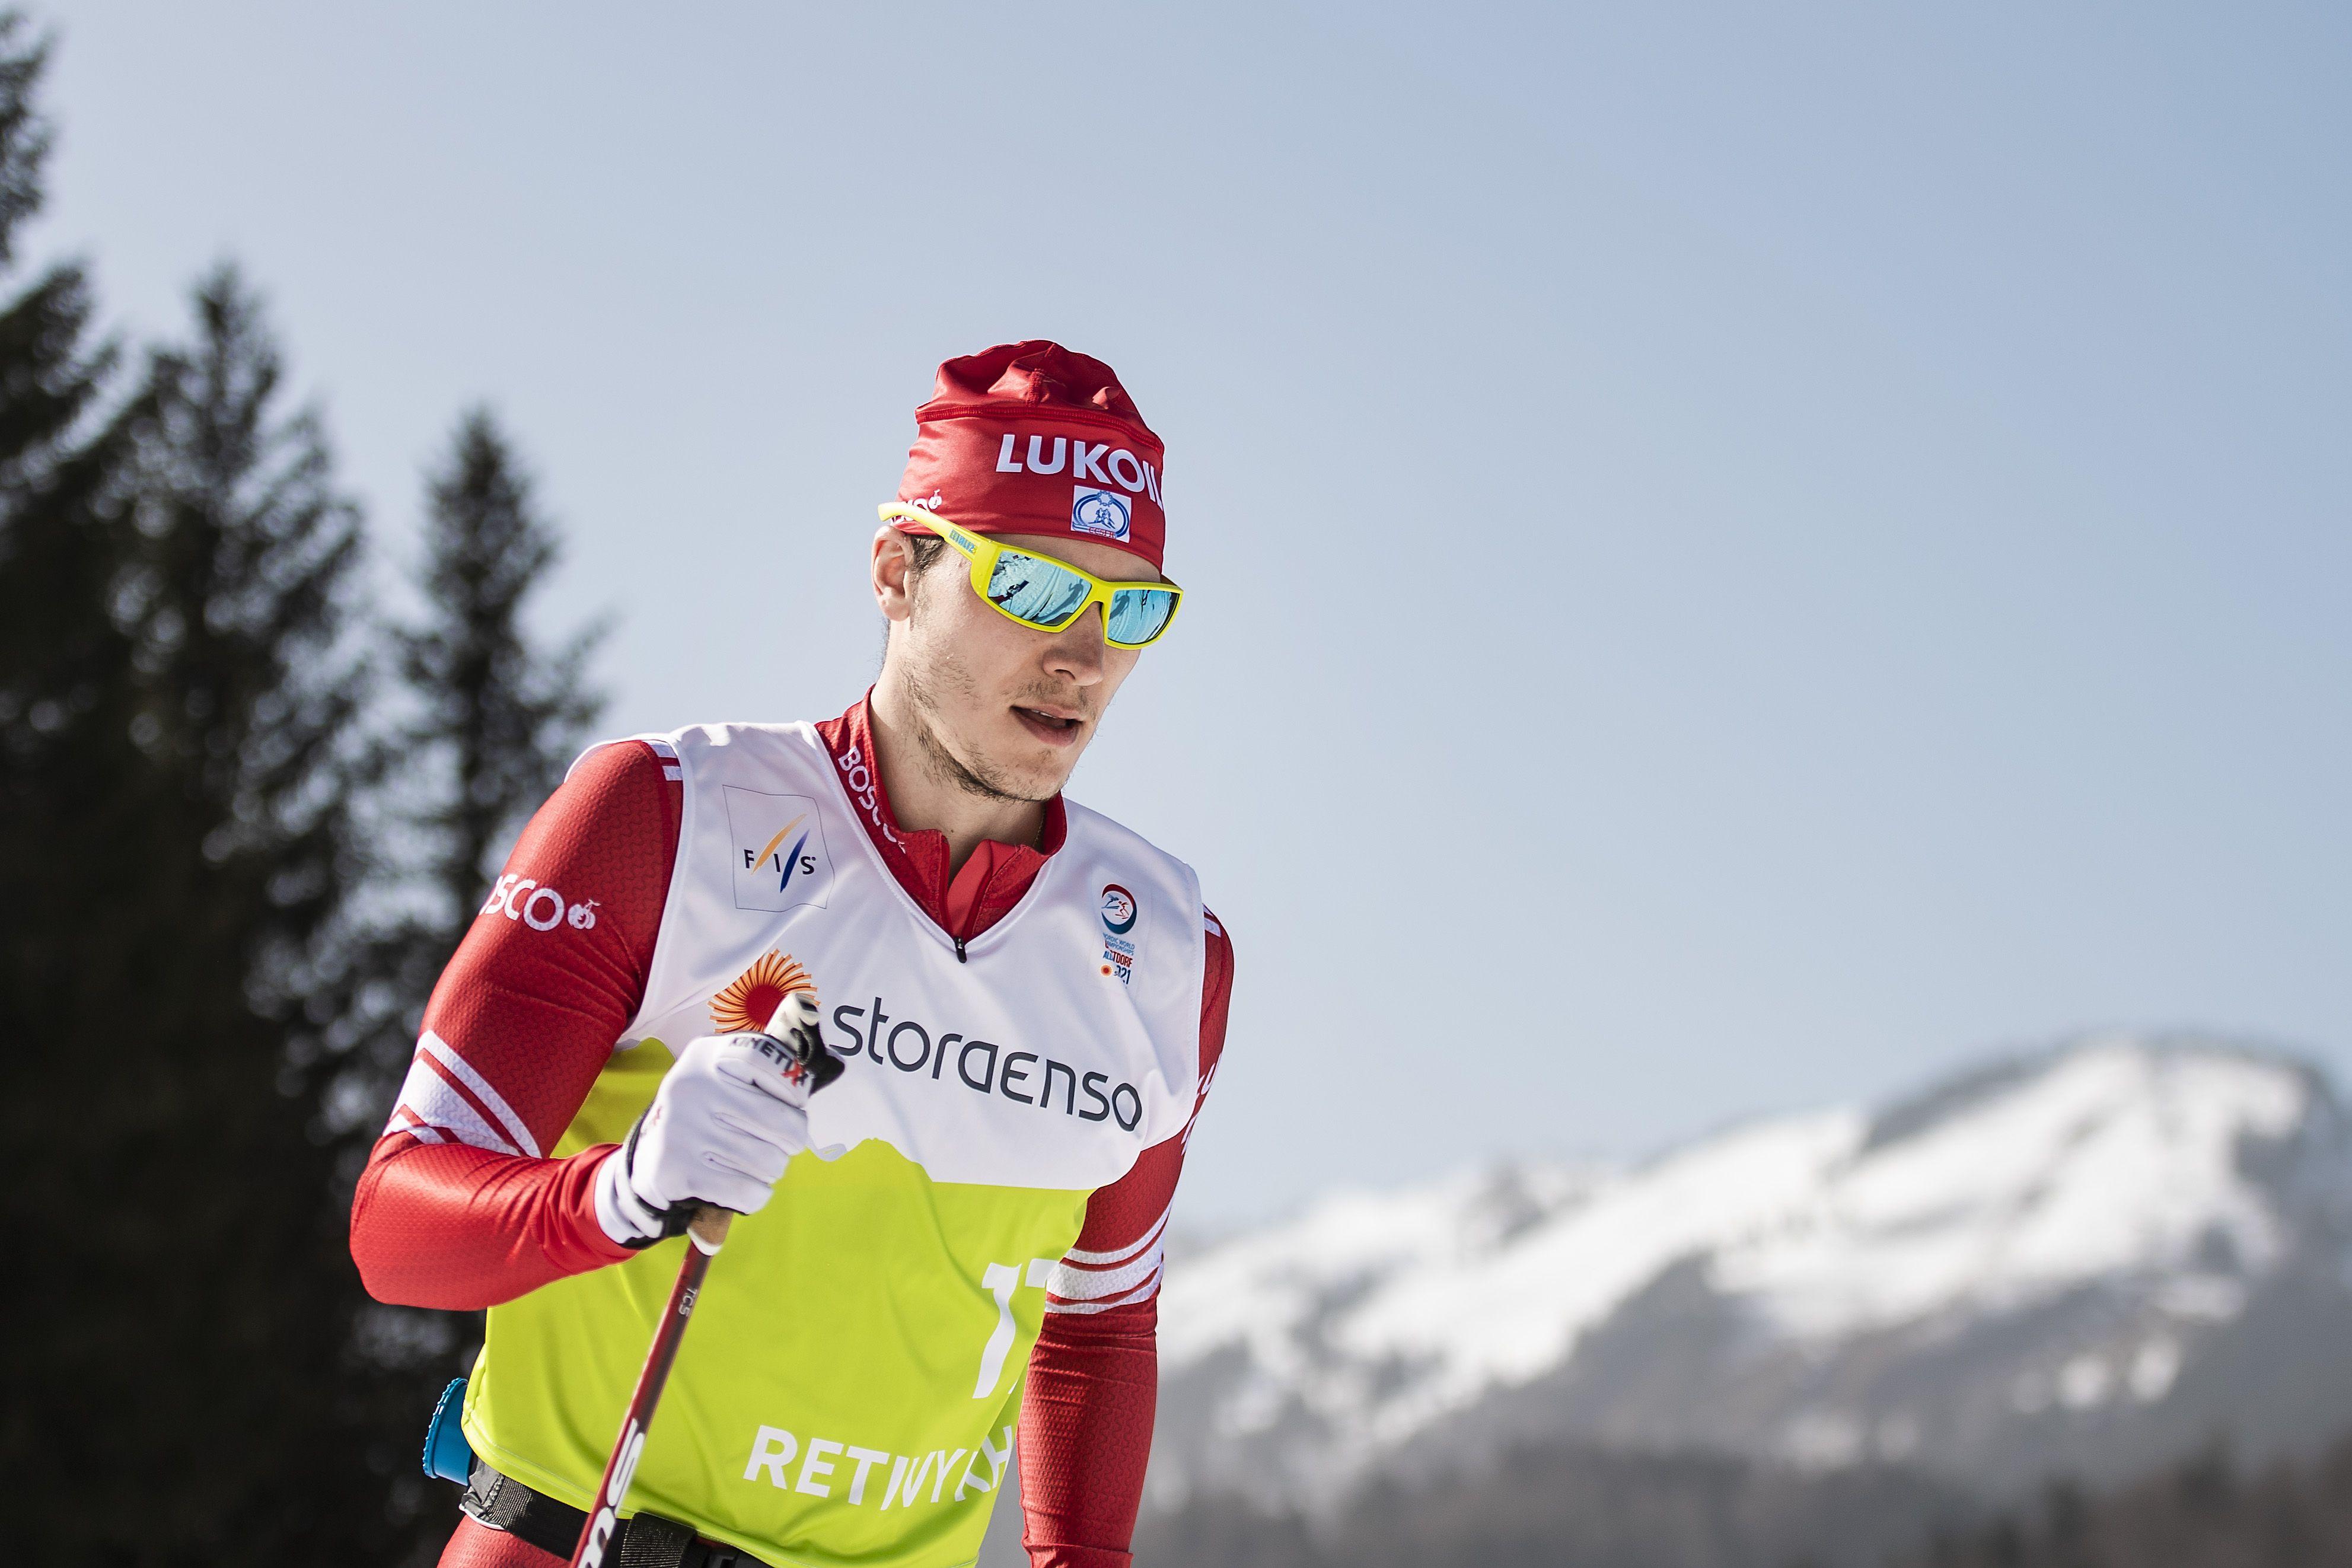 Ретивых: 'Будет очень тяжело отобрать золотую медаль у норвежцев'